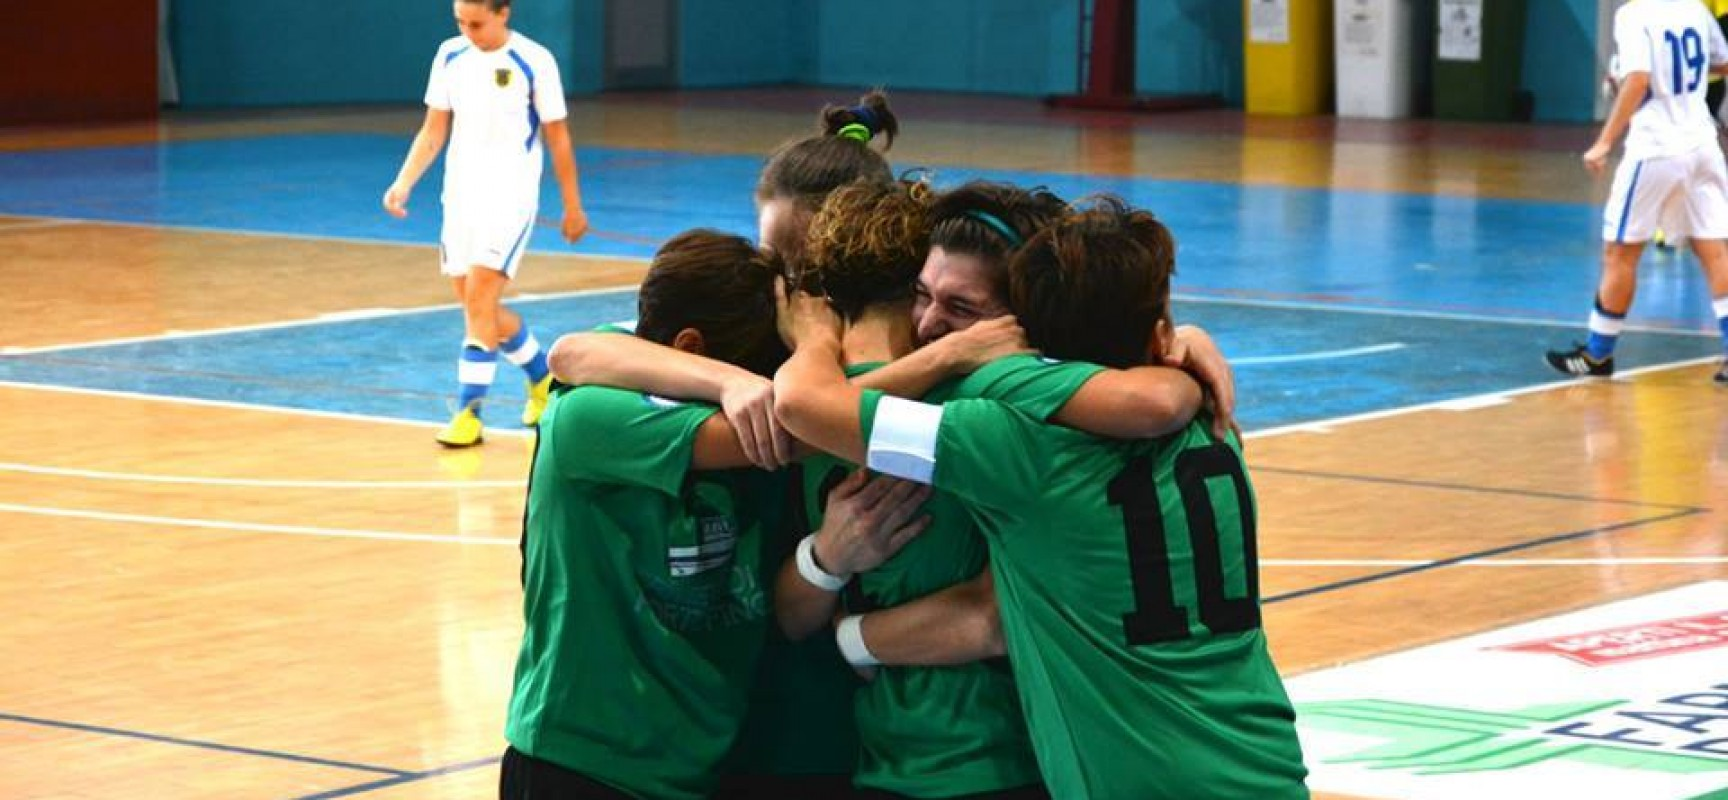 Arcadia sa solo vincere: batte 6-4 il Real Stigliano ed è prima!